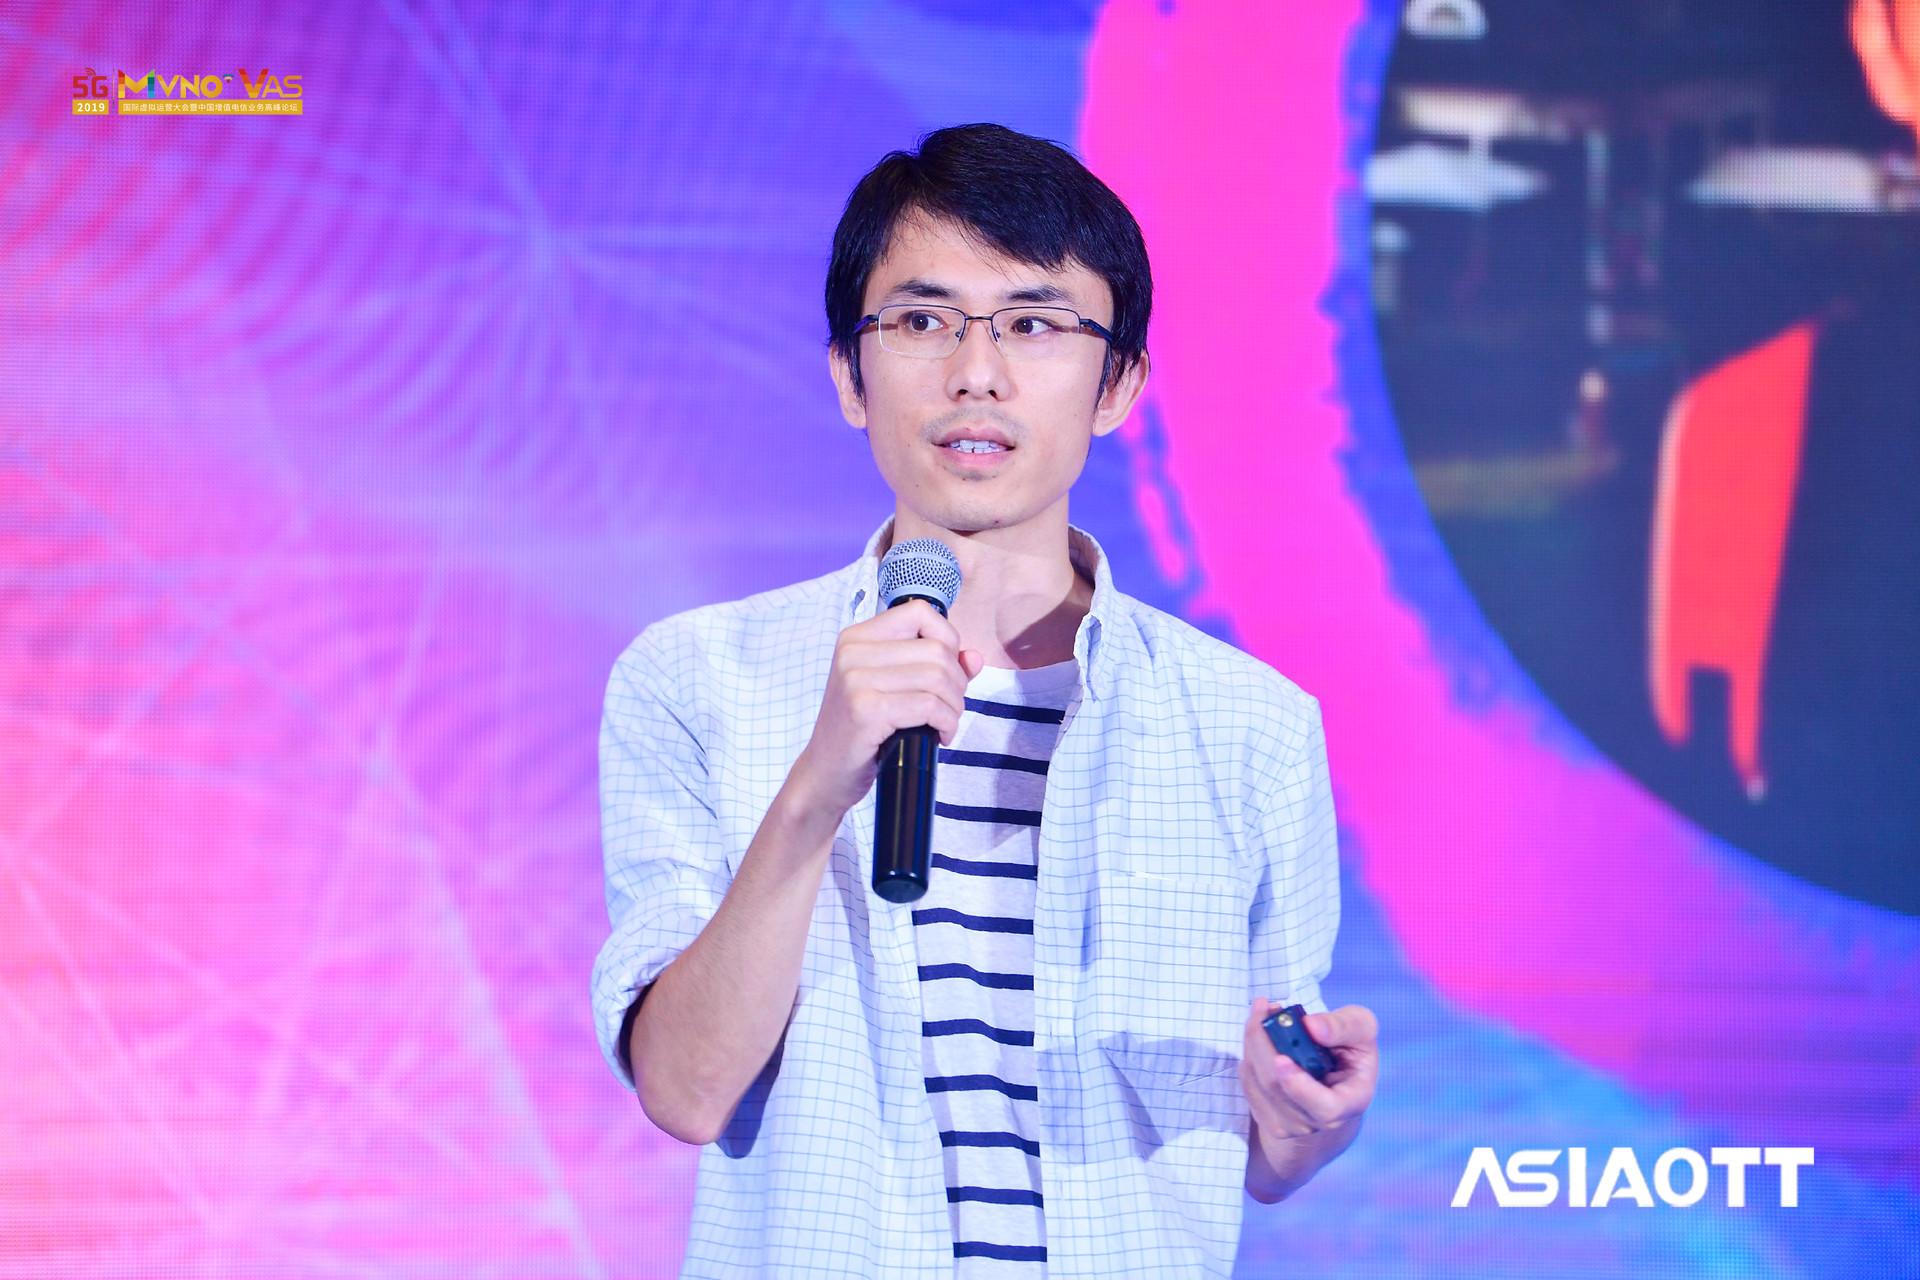 深圳梦网科技李剑波:未来所有运营商都是网络租赁